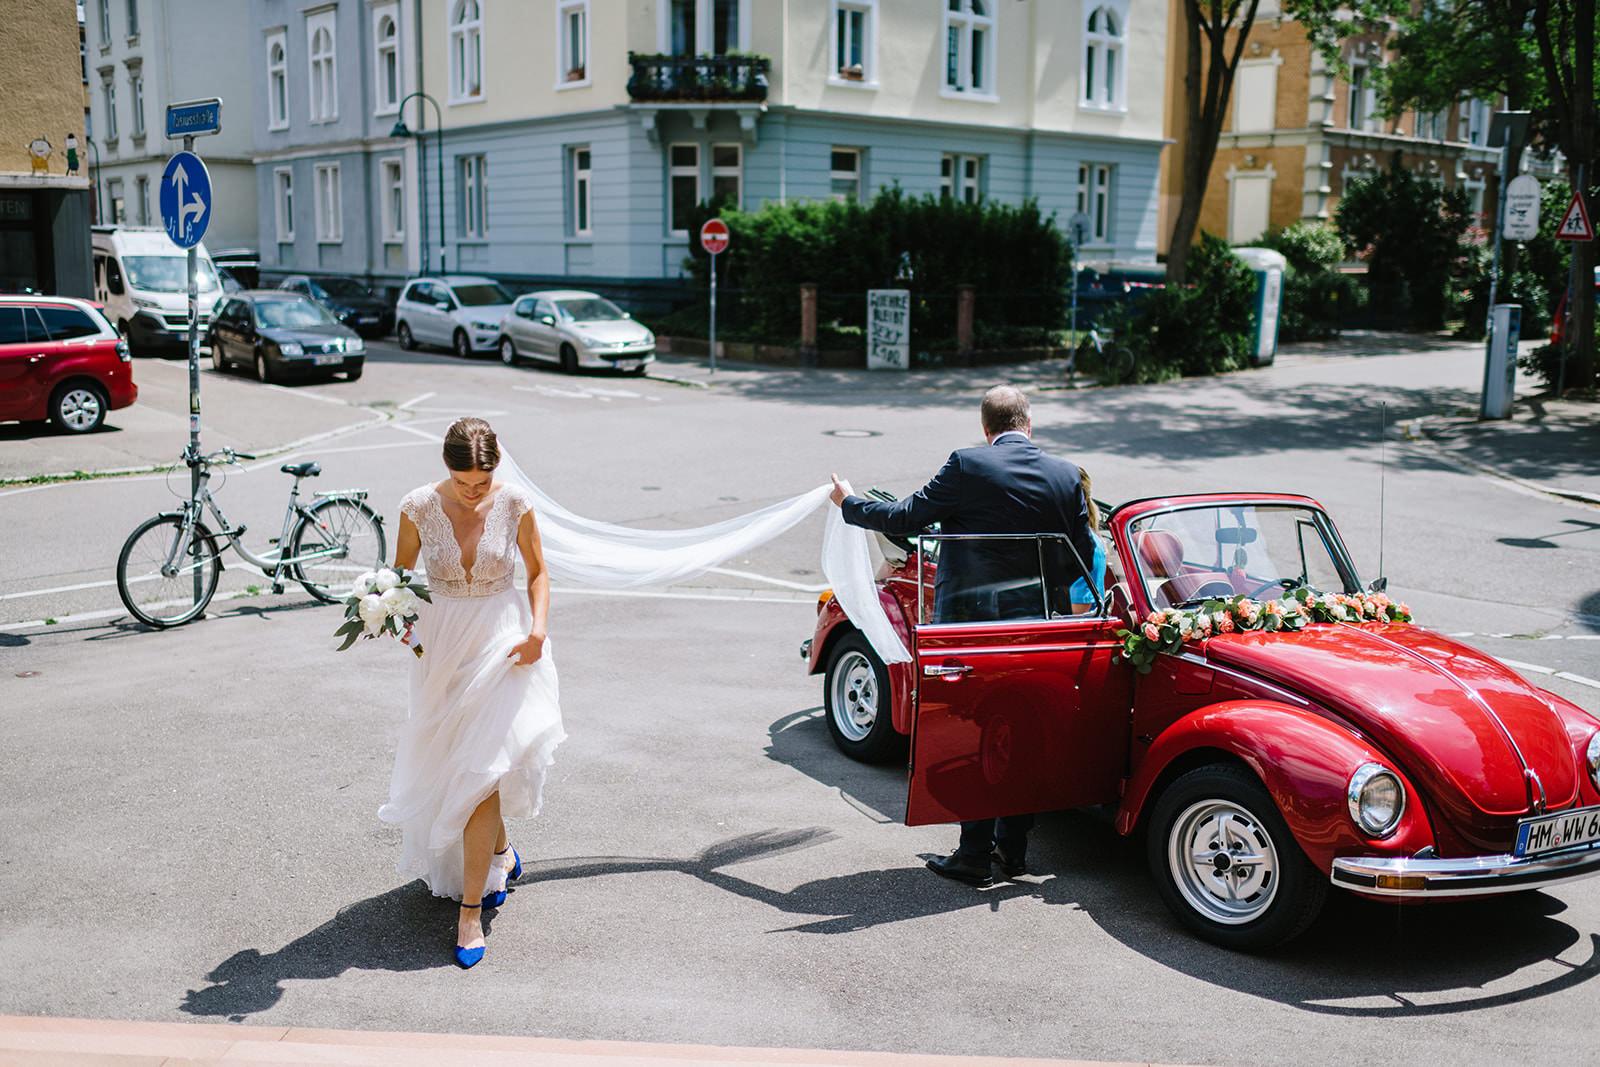 Fotograf Konstanz - Hochzeitsreportage Freiburg Hofgut Lilienhof Hochzeit Fotograf Konstanz 117 - Hochzeit in Freiburg und Hofgut Lilienhof  - 7 -